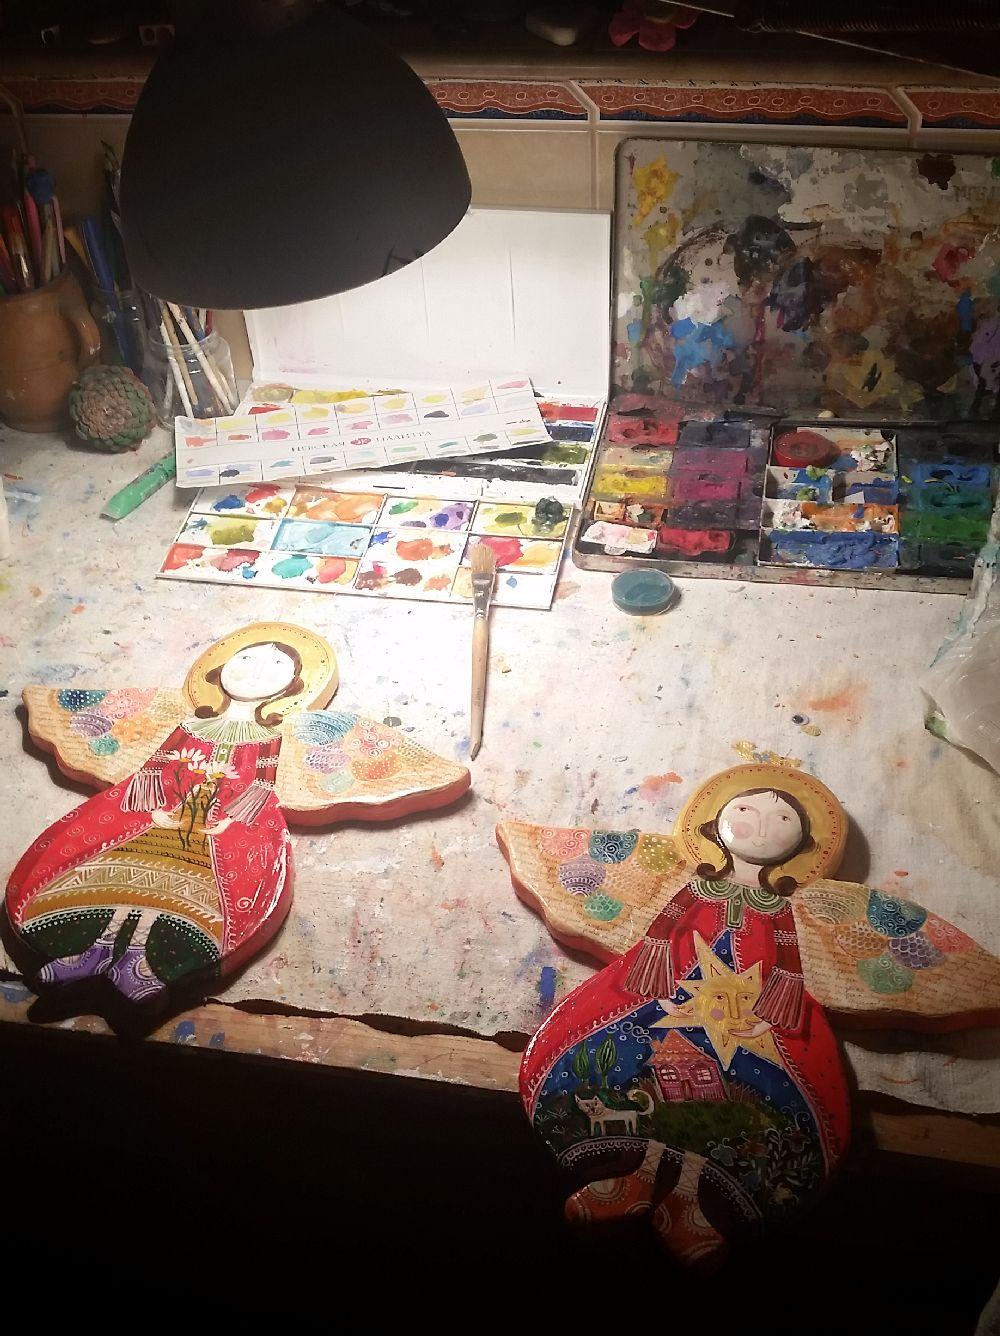 adelaparvu.com despre expozitia Ingerasii din povestea mea, Carturesti Verona, artist Beatrice Iordan (3)